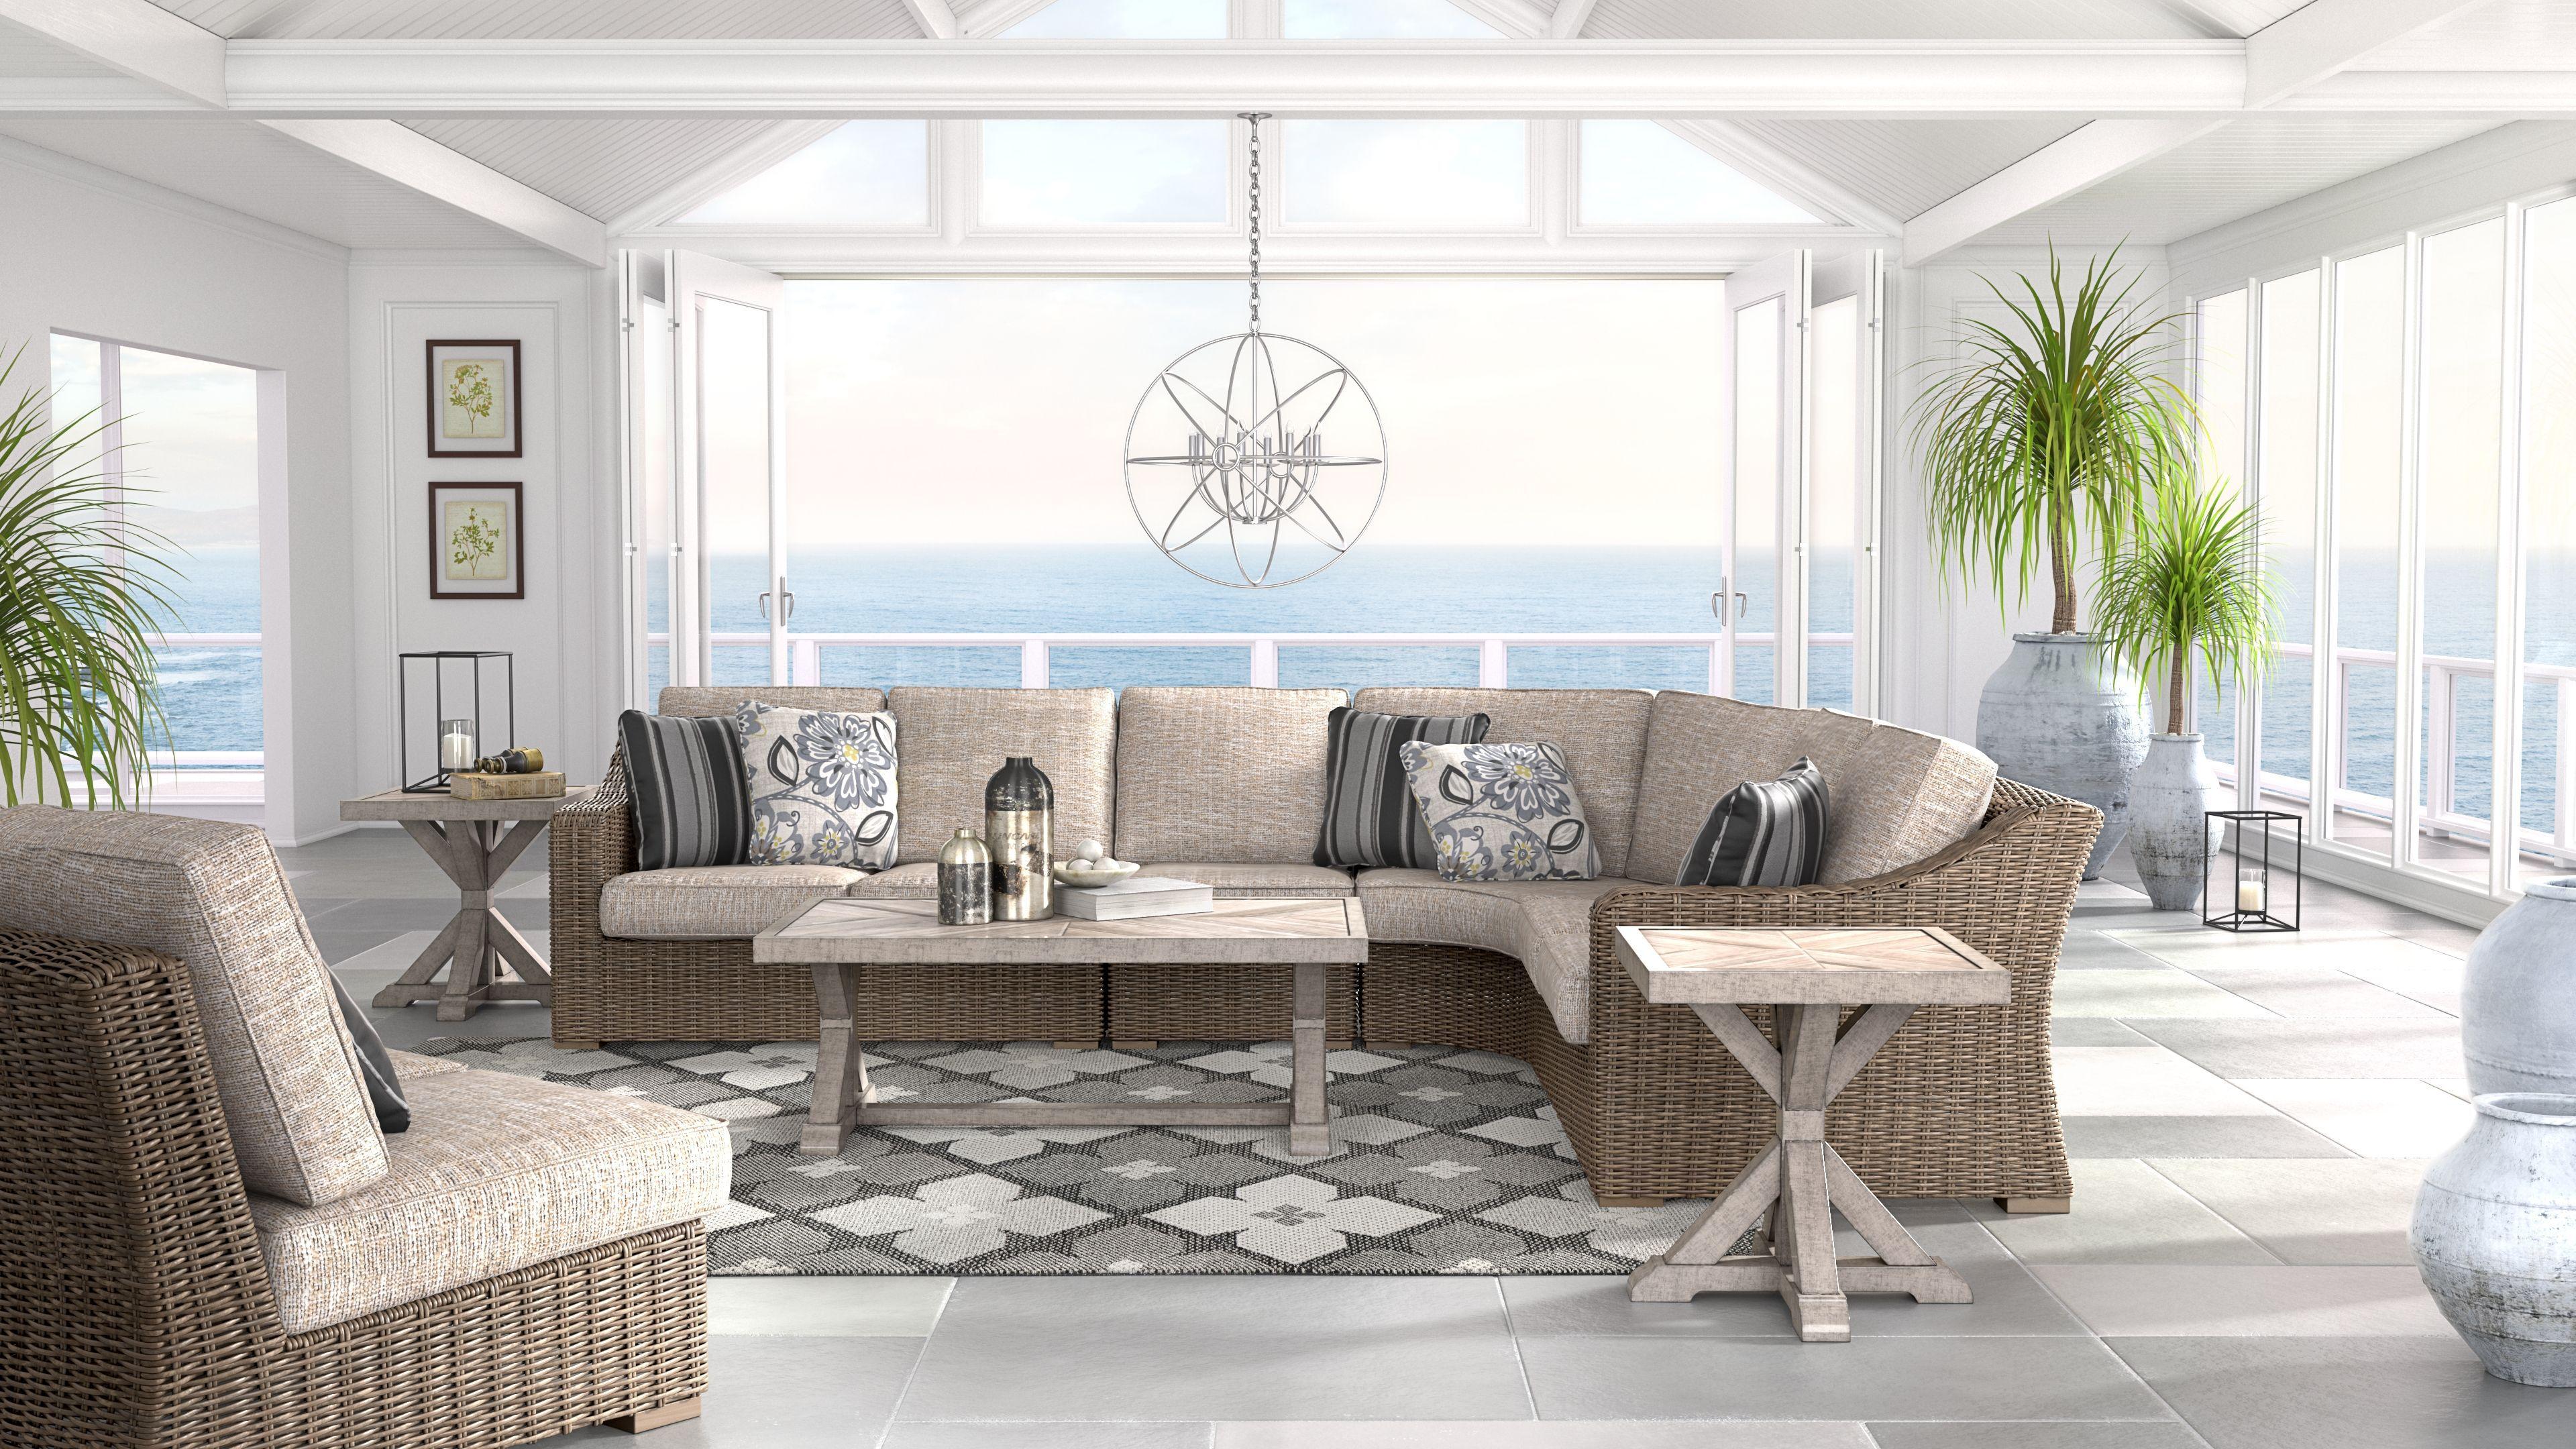 Beachcroft 5-Piece Outdoor Seating Set, Beige # ... on Beachcroft Beige Outdoor Living Room Set  id=15183